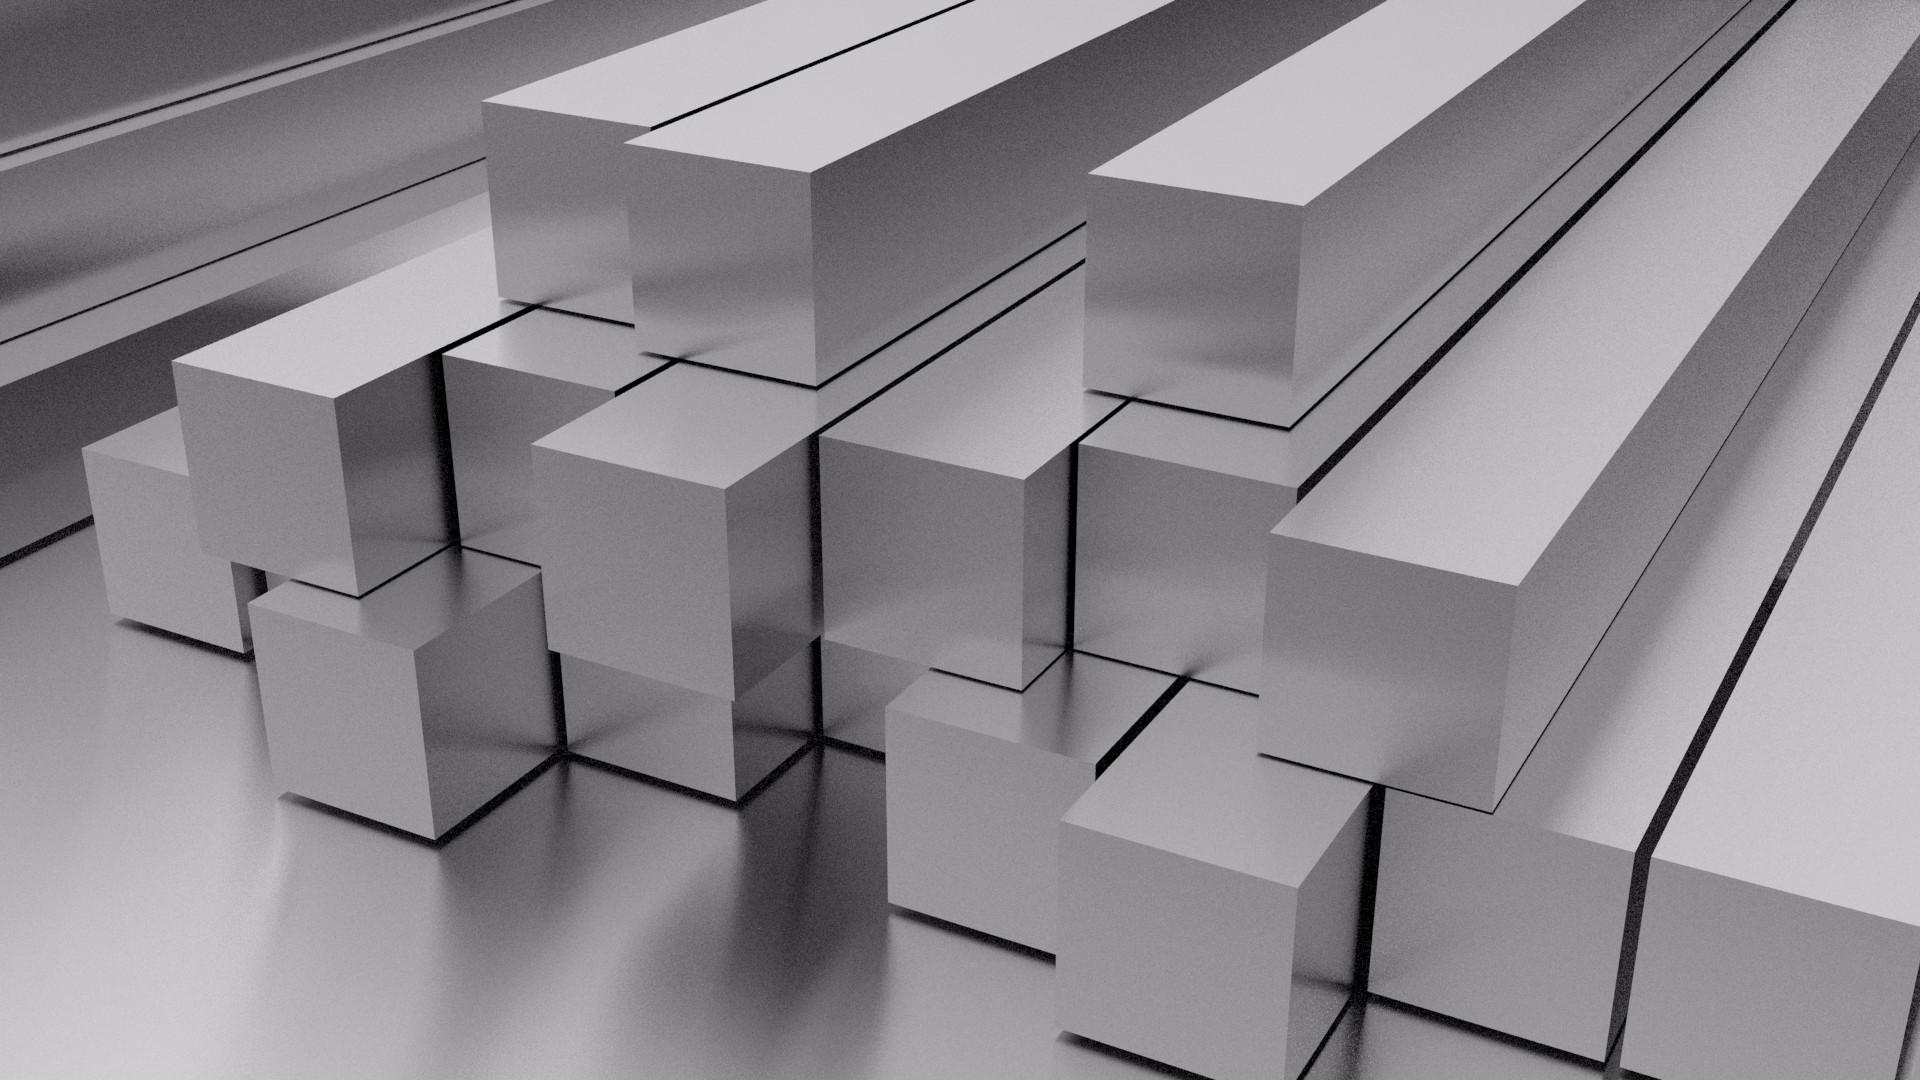 Нержавеющая сталь и квадрат: особенности материала, применение изделий